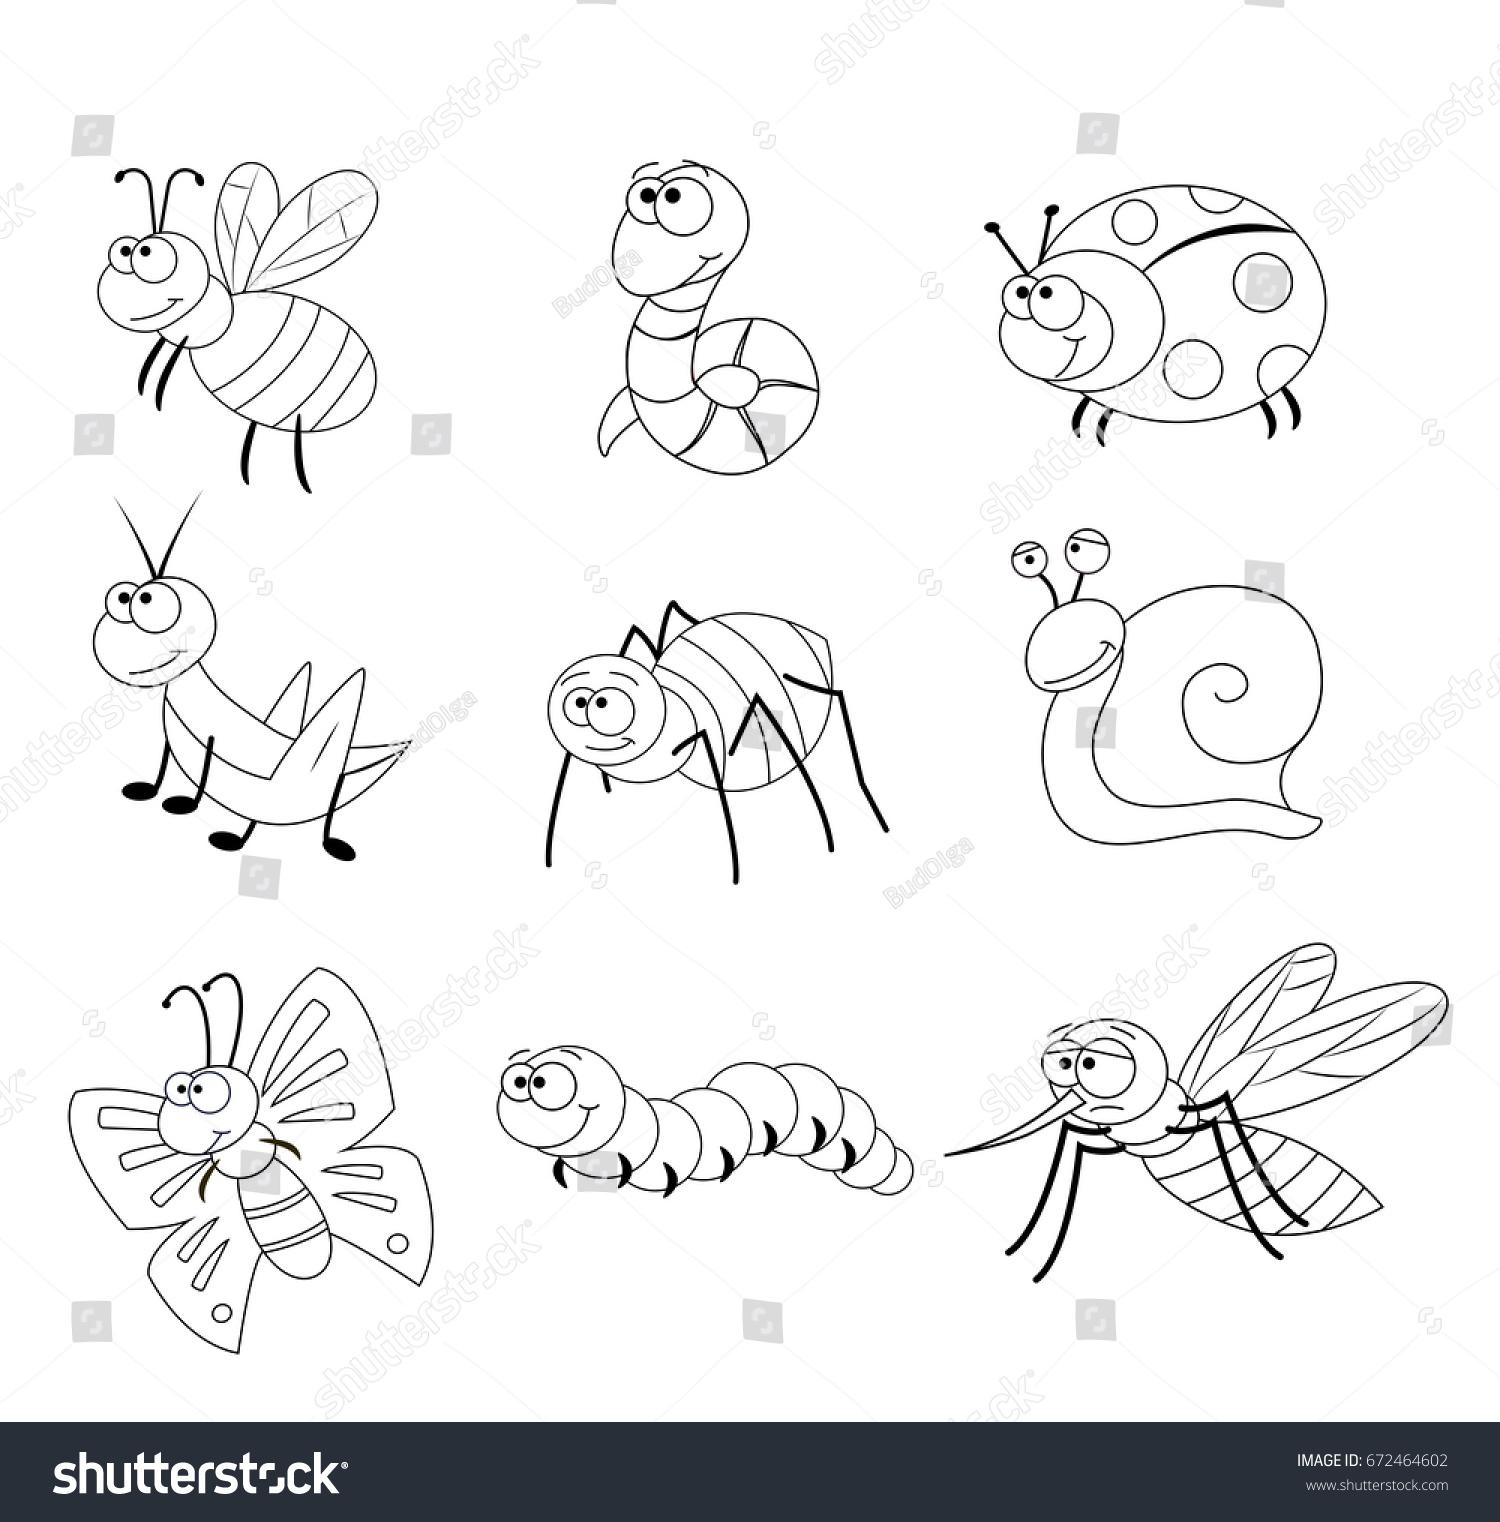 Preschool Bug Coloring Worksheet